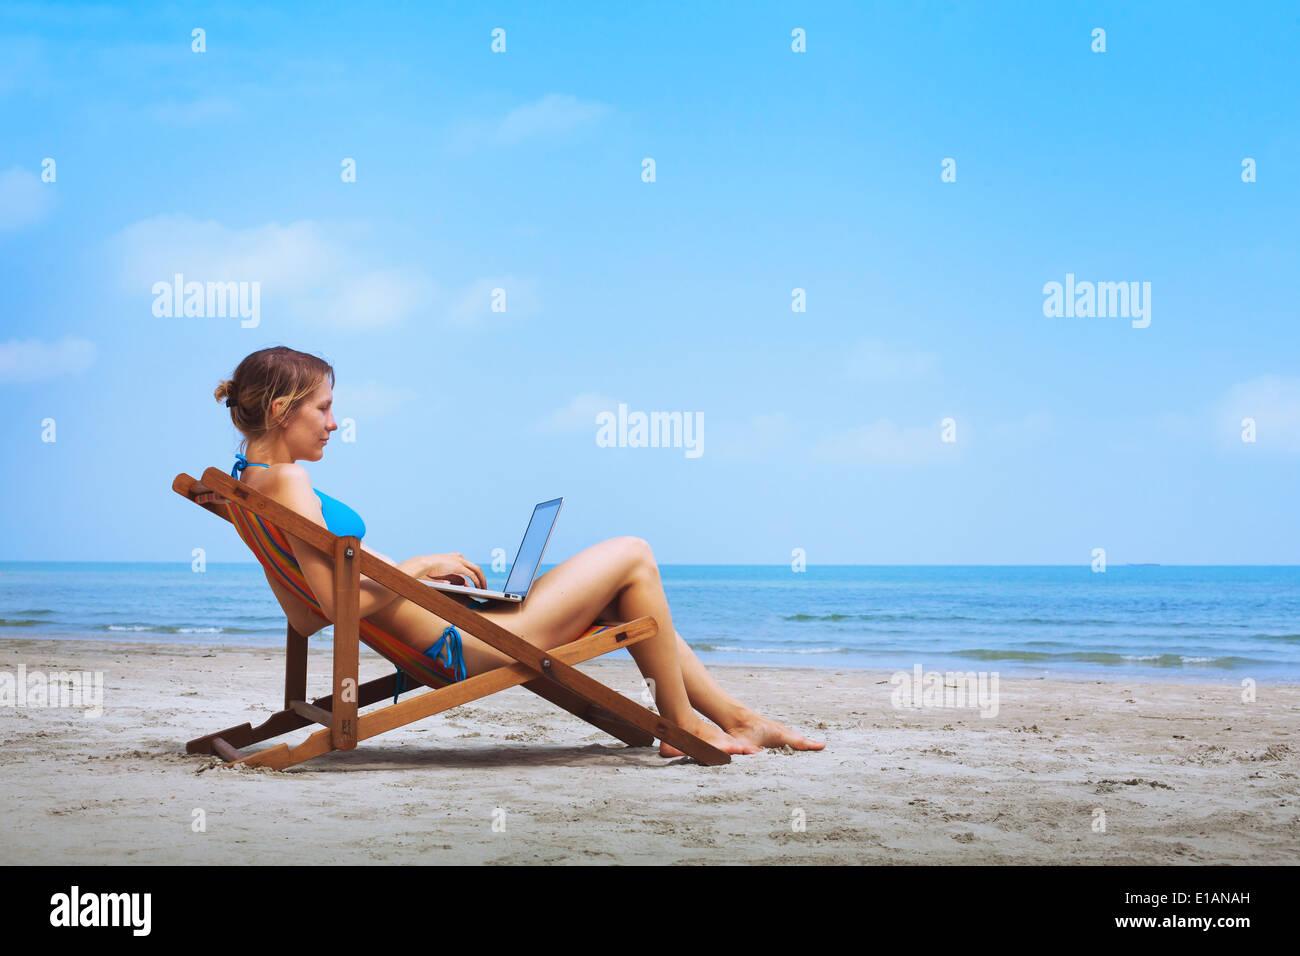 Donna in bikini seduta con il computer portatile sulla spiaggia Immagini Stock